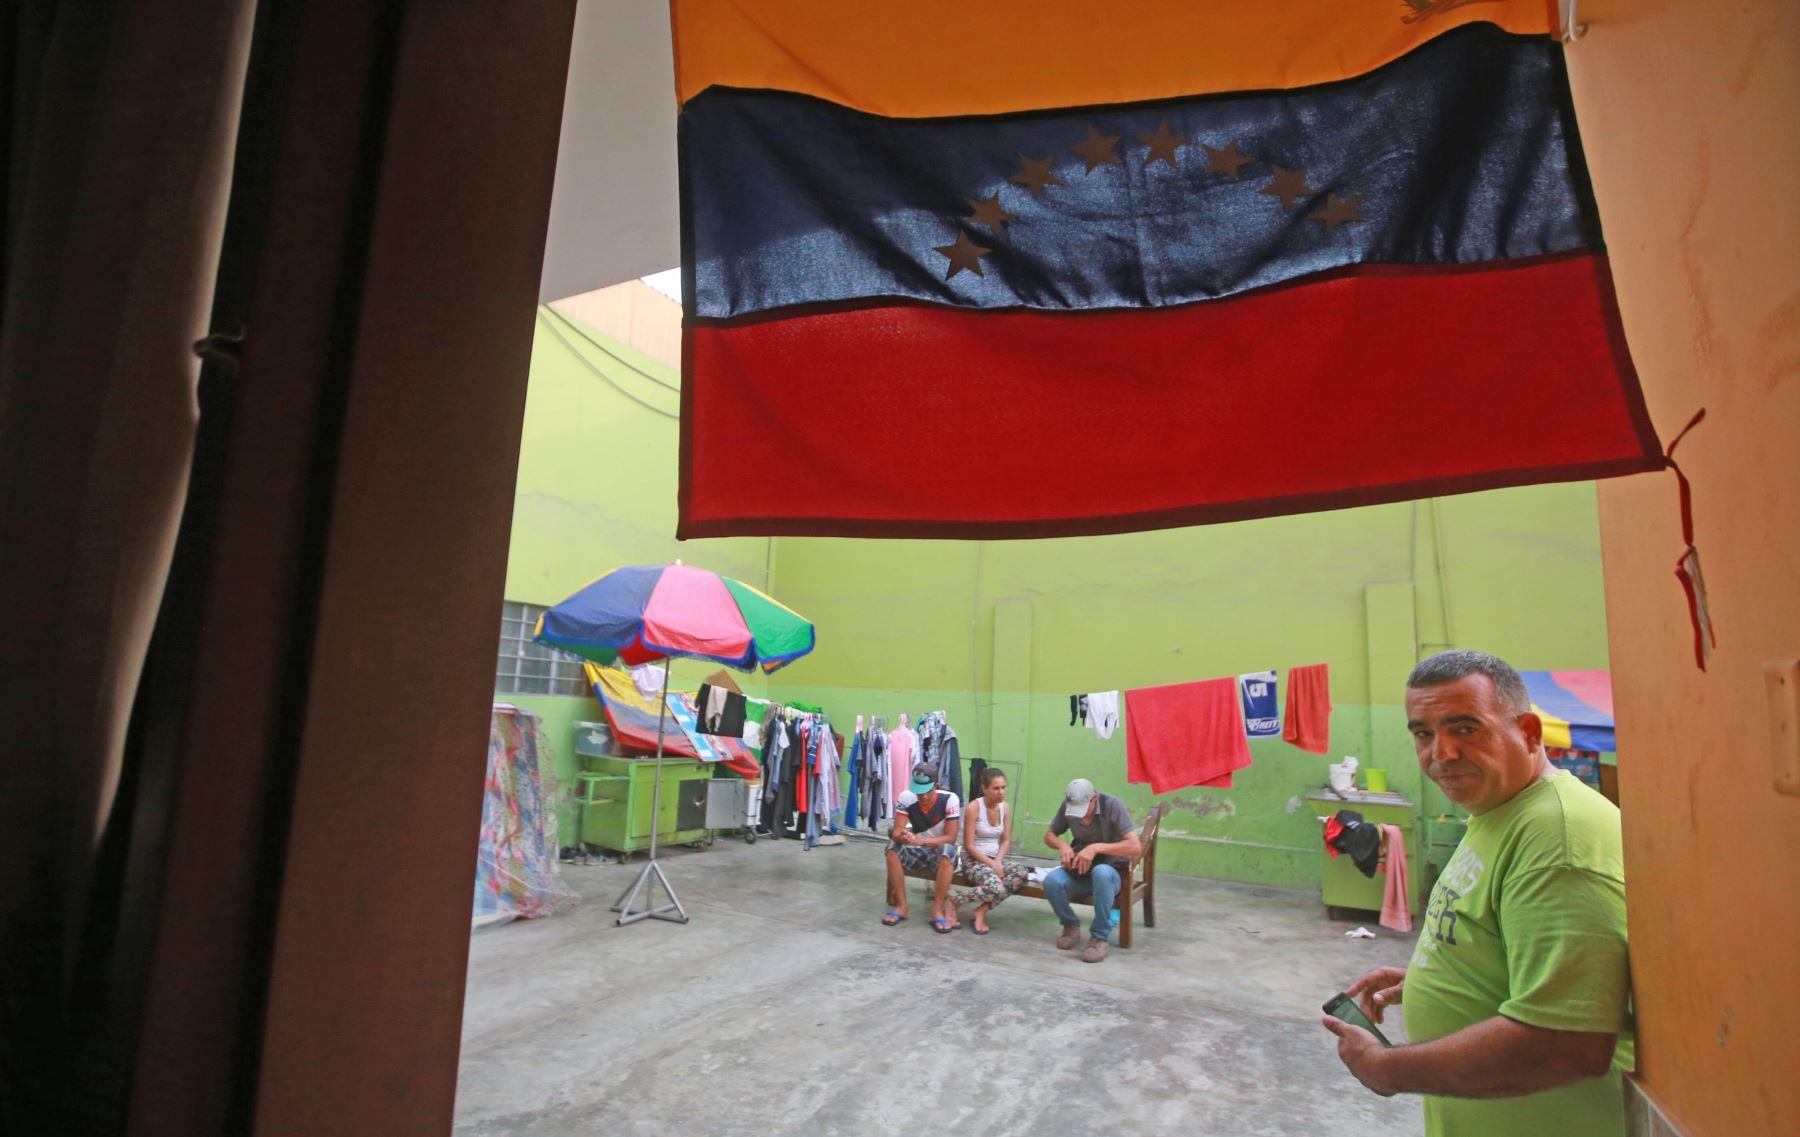 La bandera de su país siempre está presente en el lugar donde van. Foto:ANDINA/Jhony Laurente